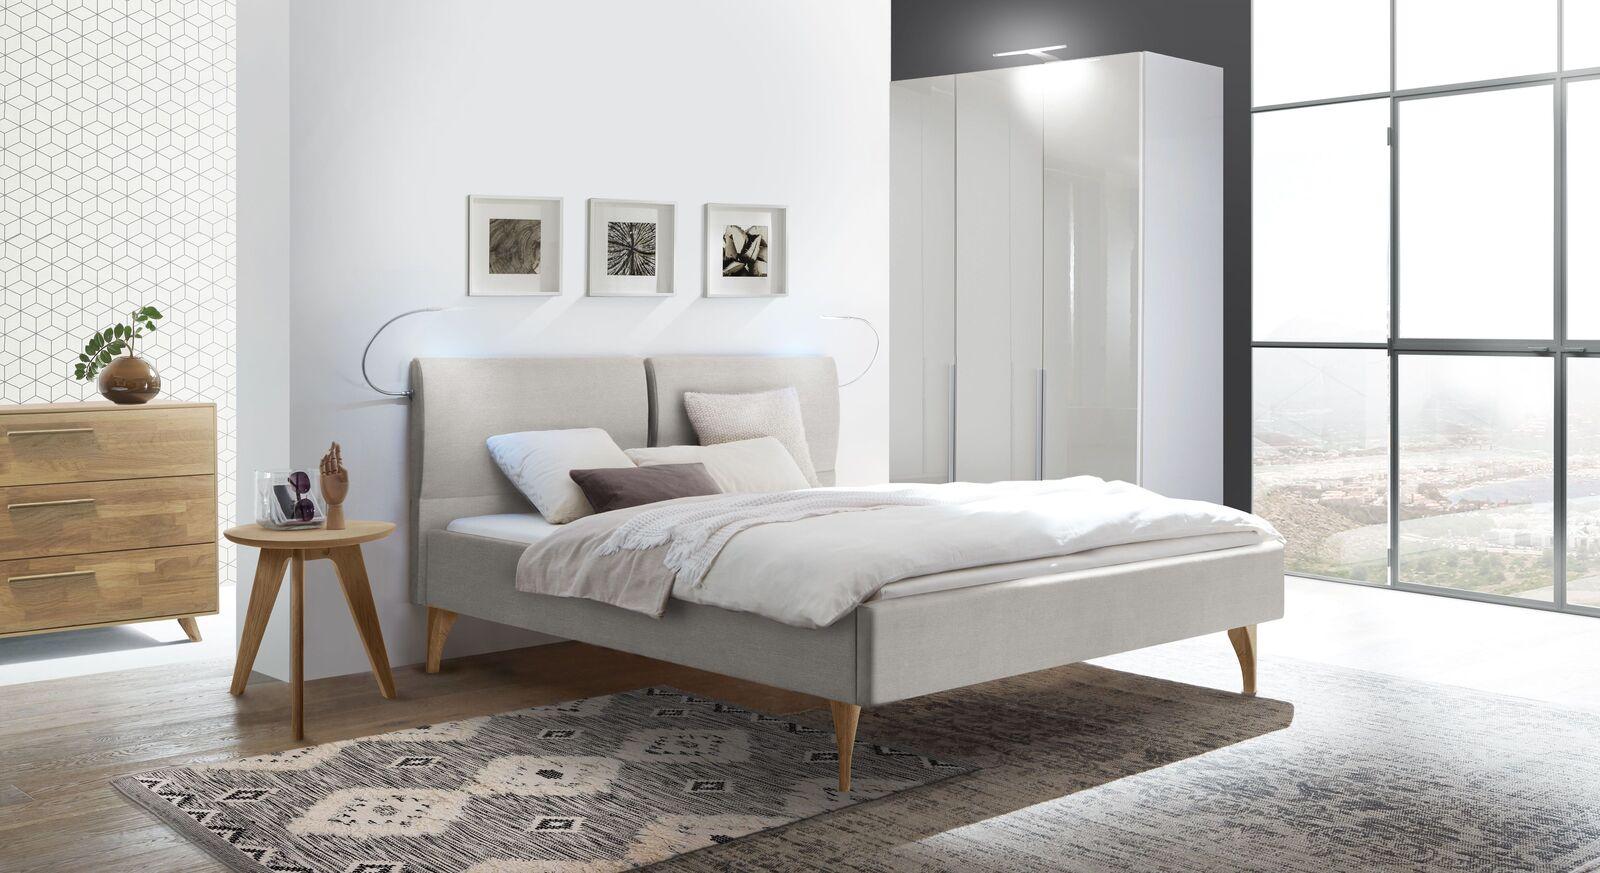 Modernes Komplett-Schlafzimmer mit Bett Marla